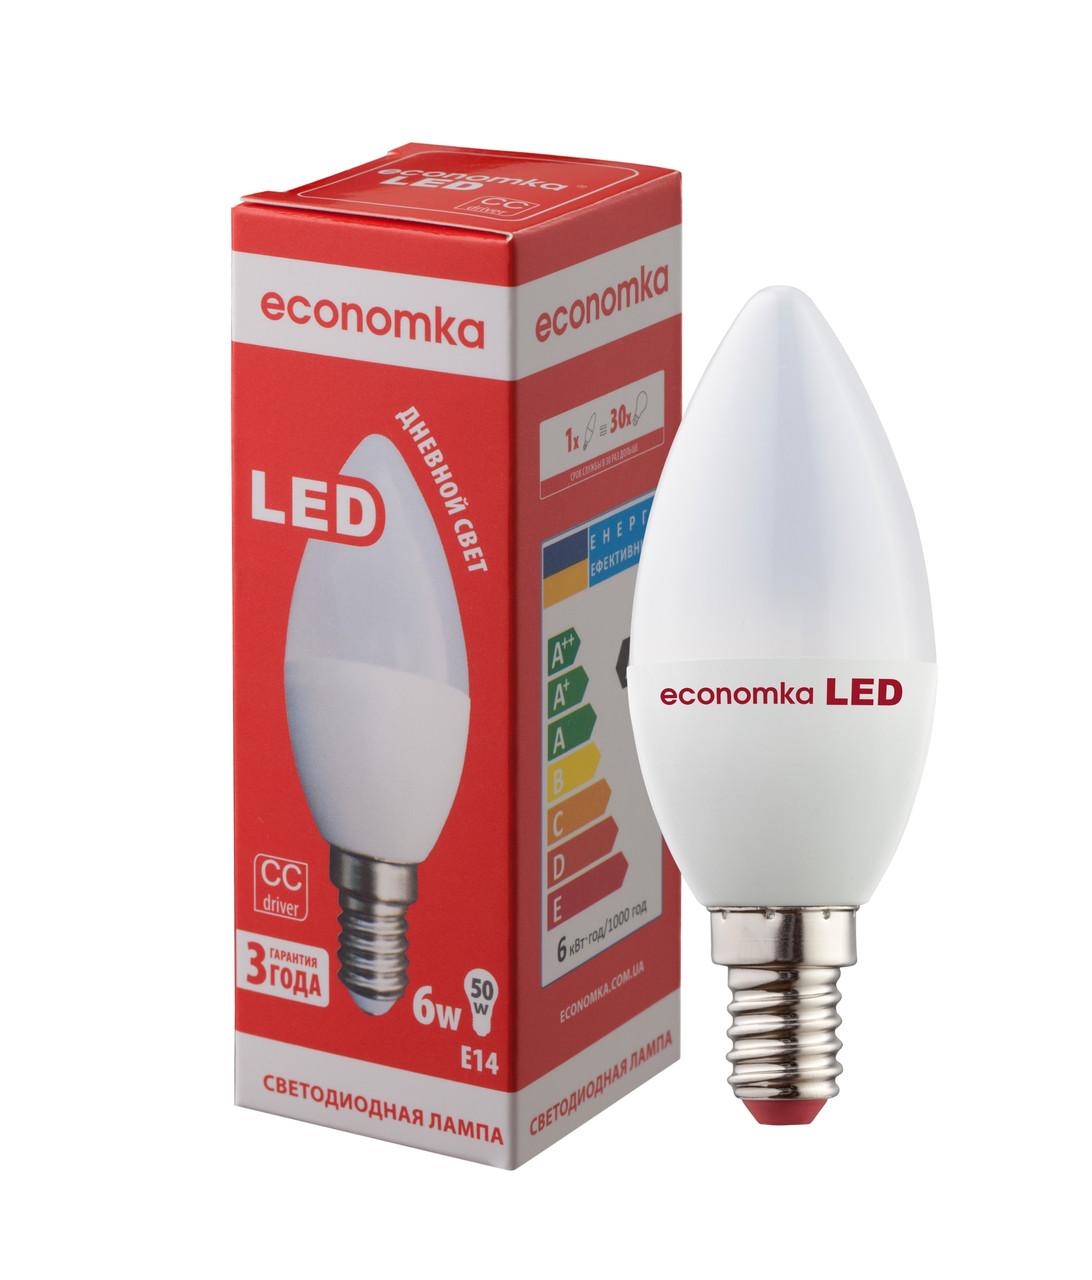 Светодиодная лампа Economka LED CN 6W E14-4200К